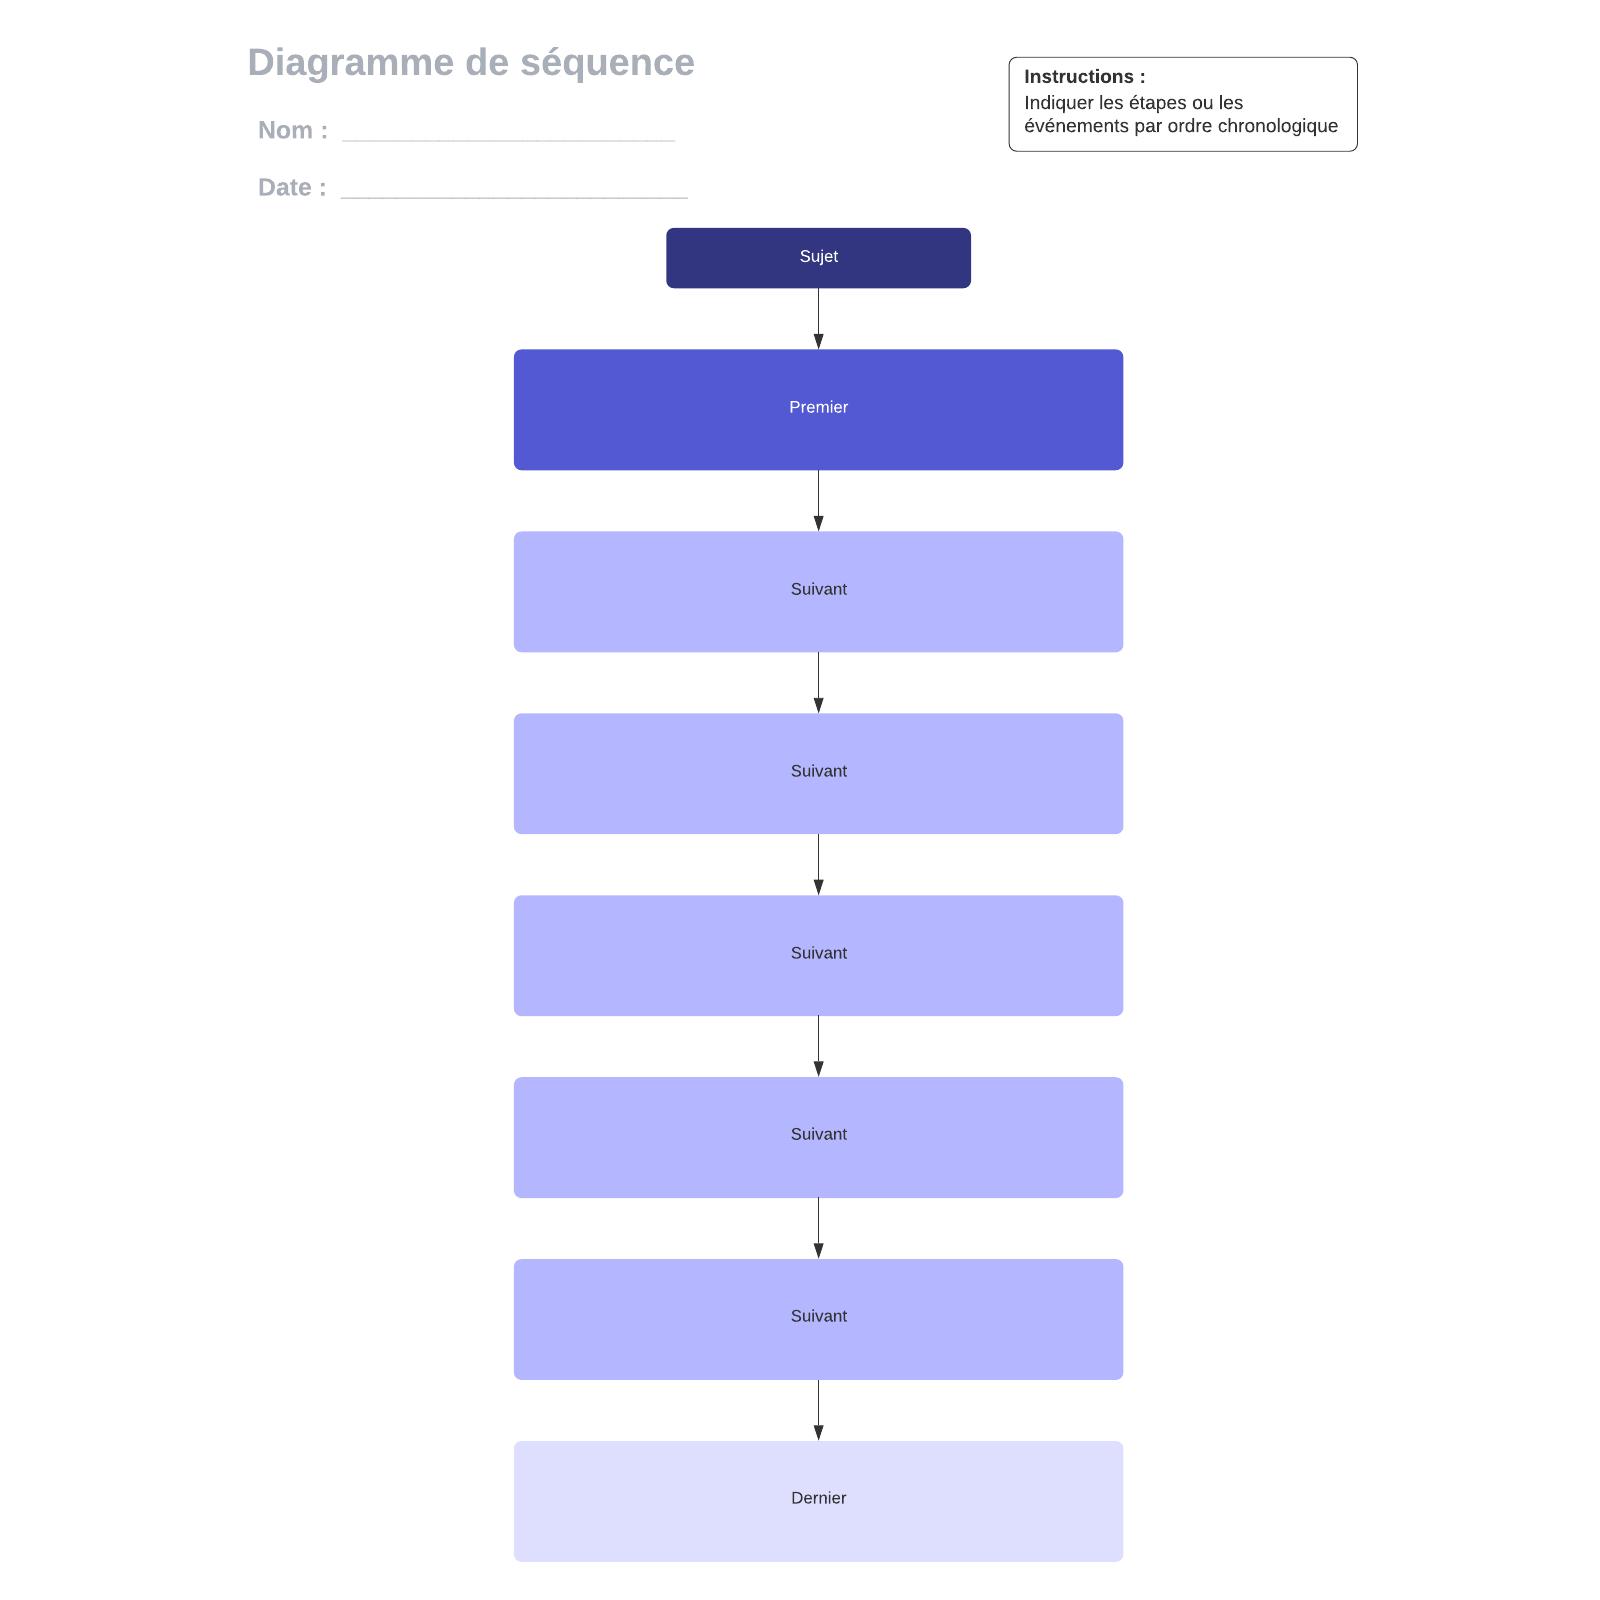 exemple de diagramme de séquence vierge